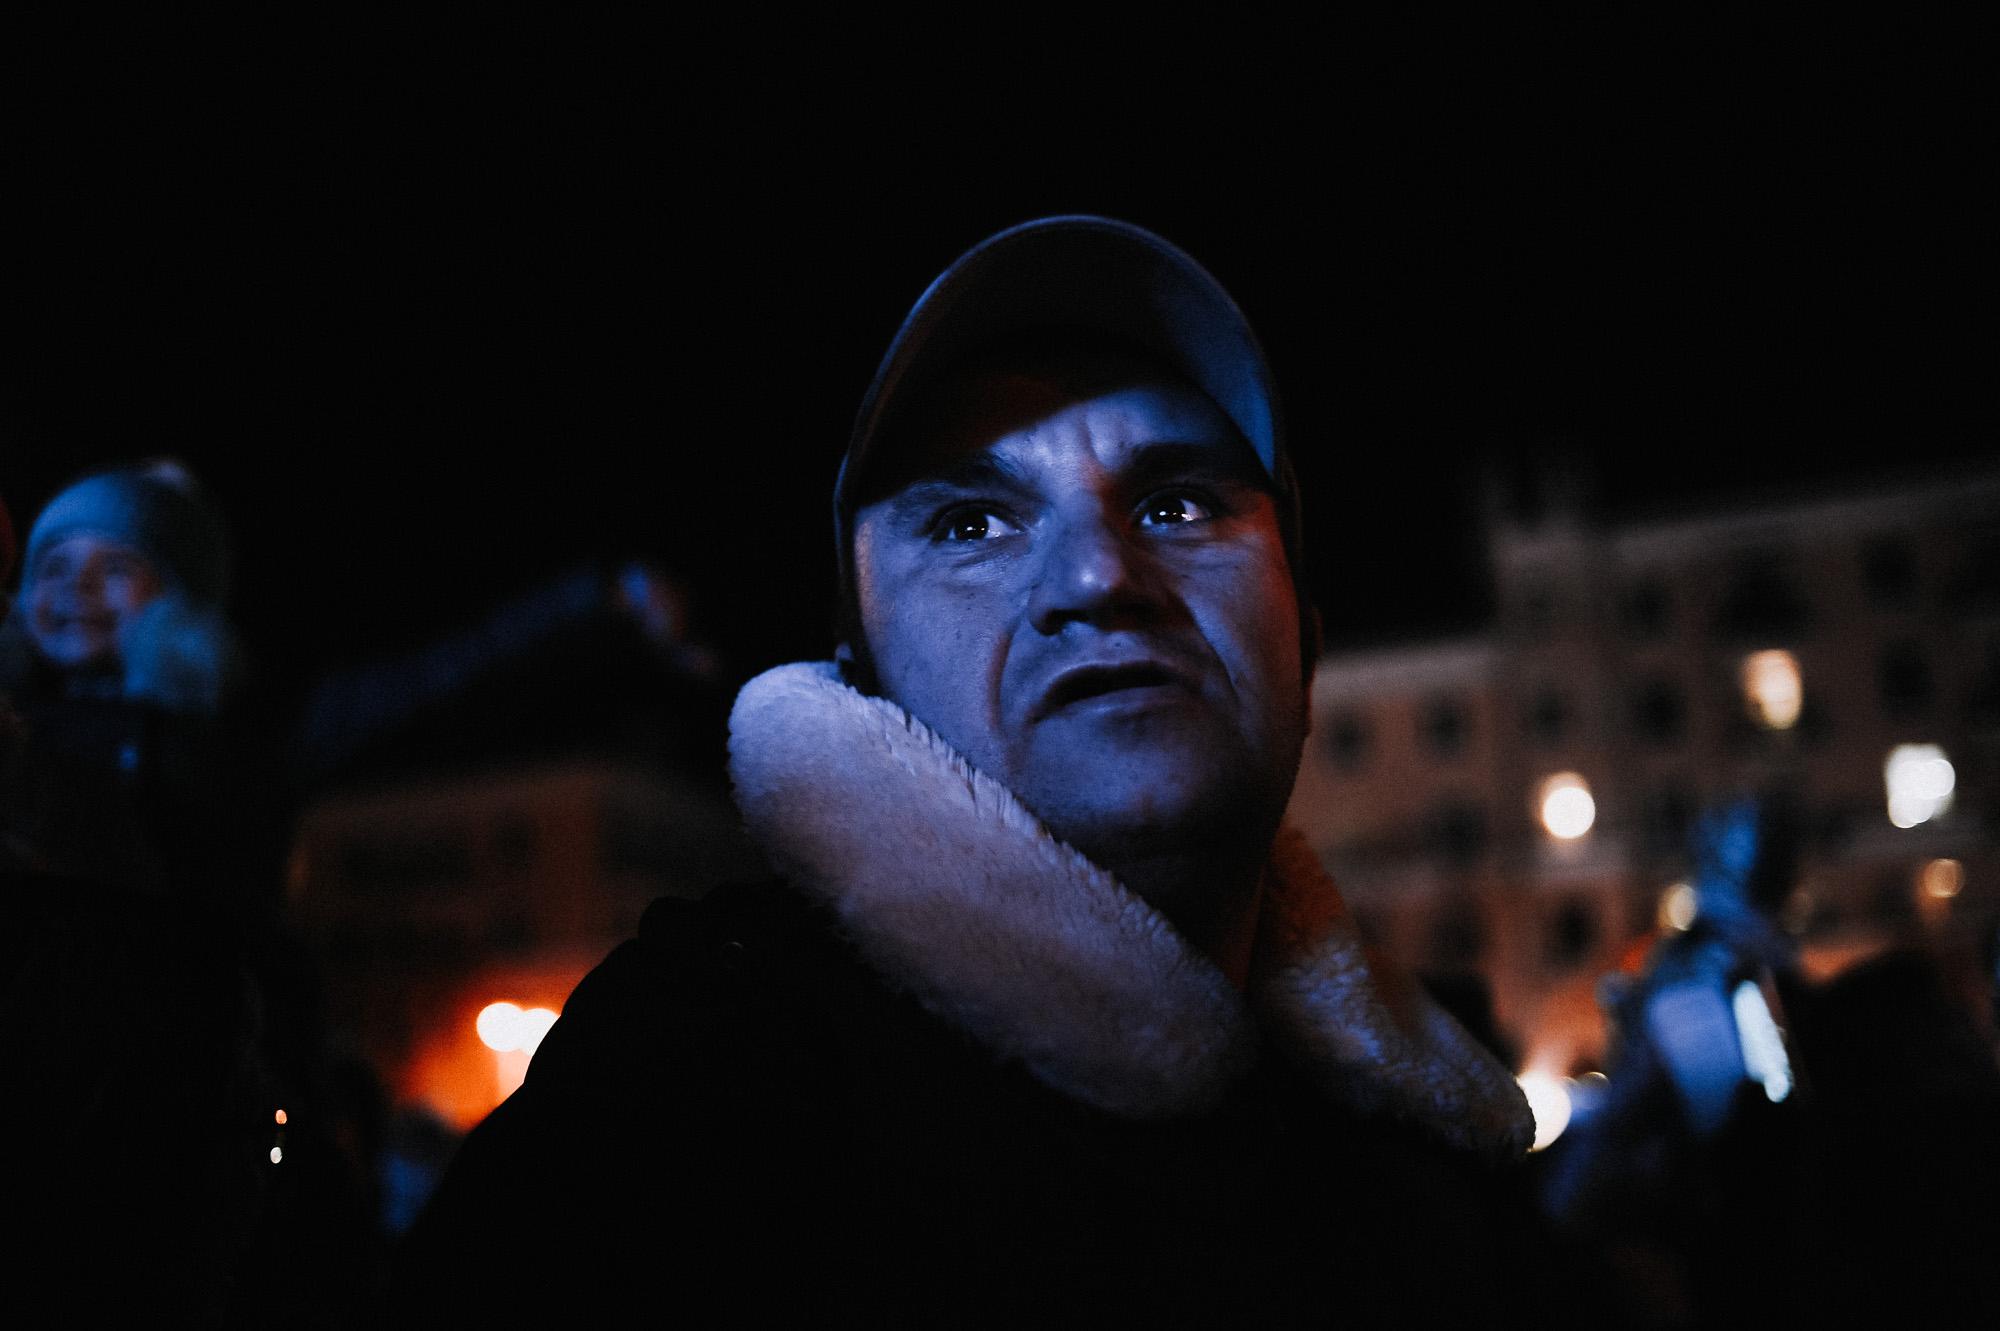 ZZZ 6985 В Астрахани на площади Ленина зажгли новогоднюю елку: кадры торжества